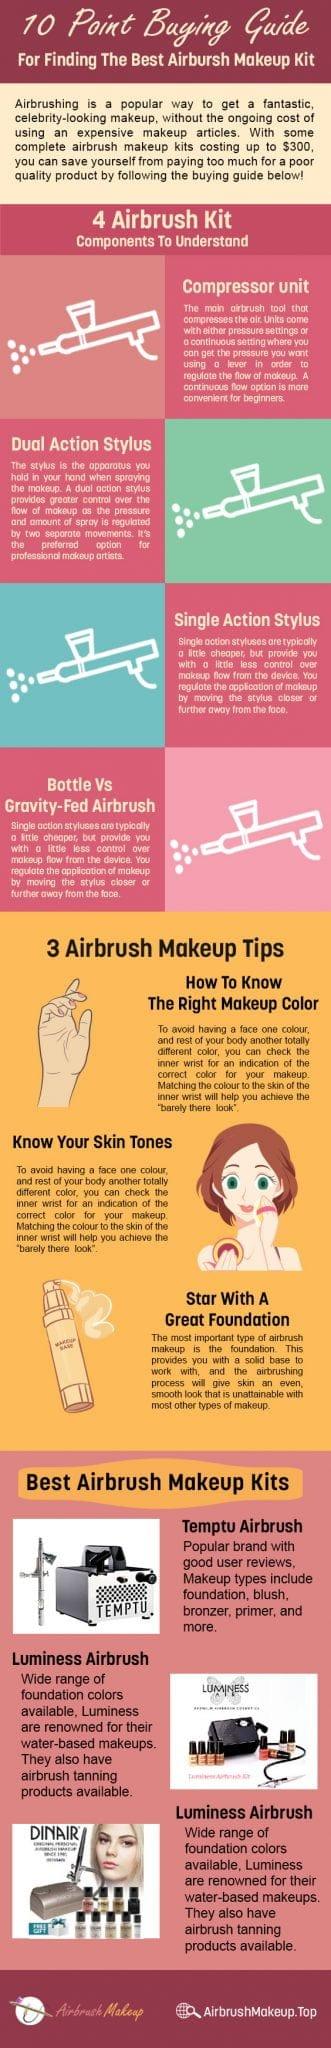 airbrush makeup kit buying guide